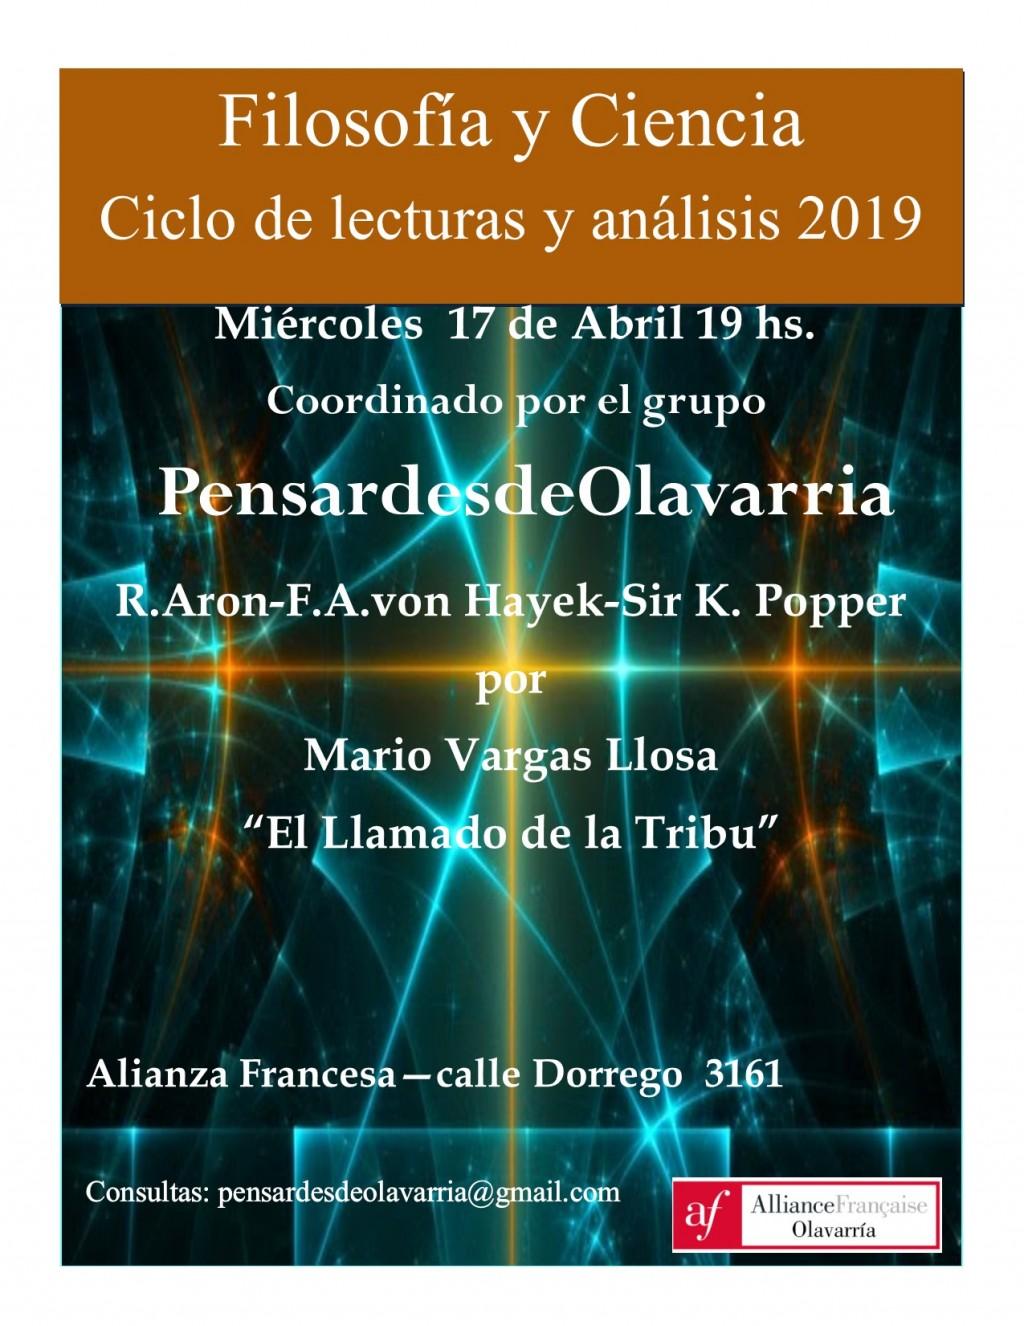 Filosofía y Ciencia: continúa el ciclo de lectura y análisis en la Alianza Francesa